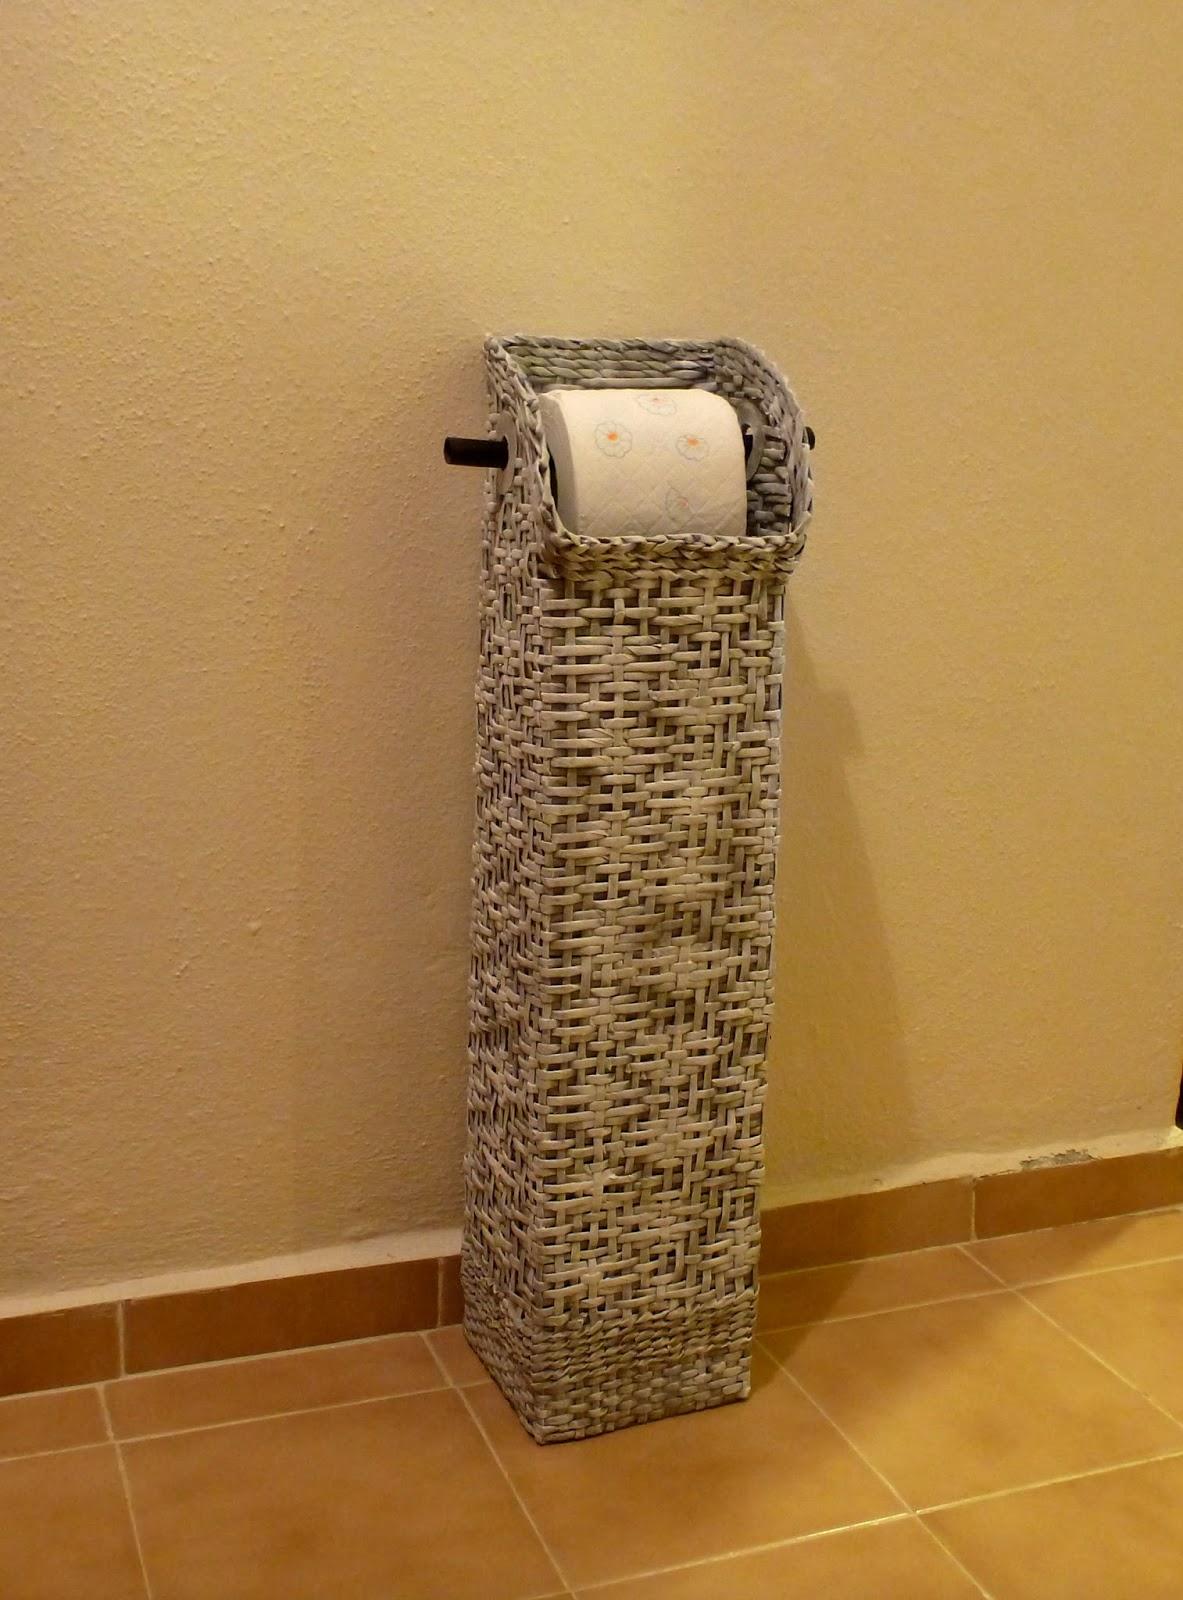 Gerry creations colonna porta rotoli d carta igienica e distributore - Albero porta carta igienica ...